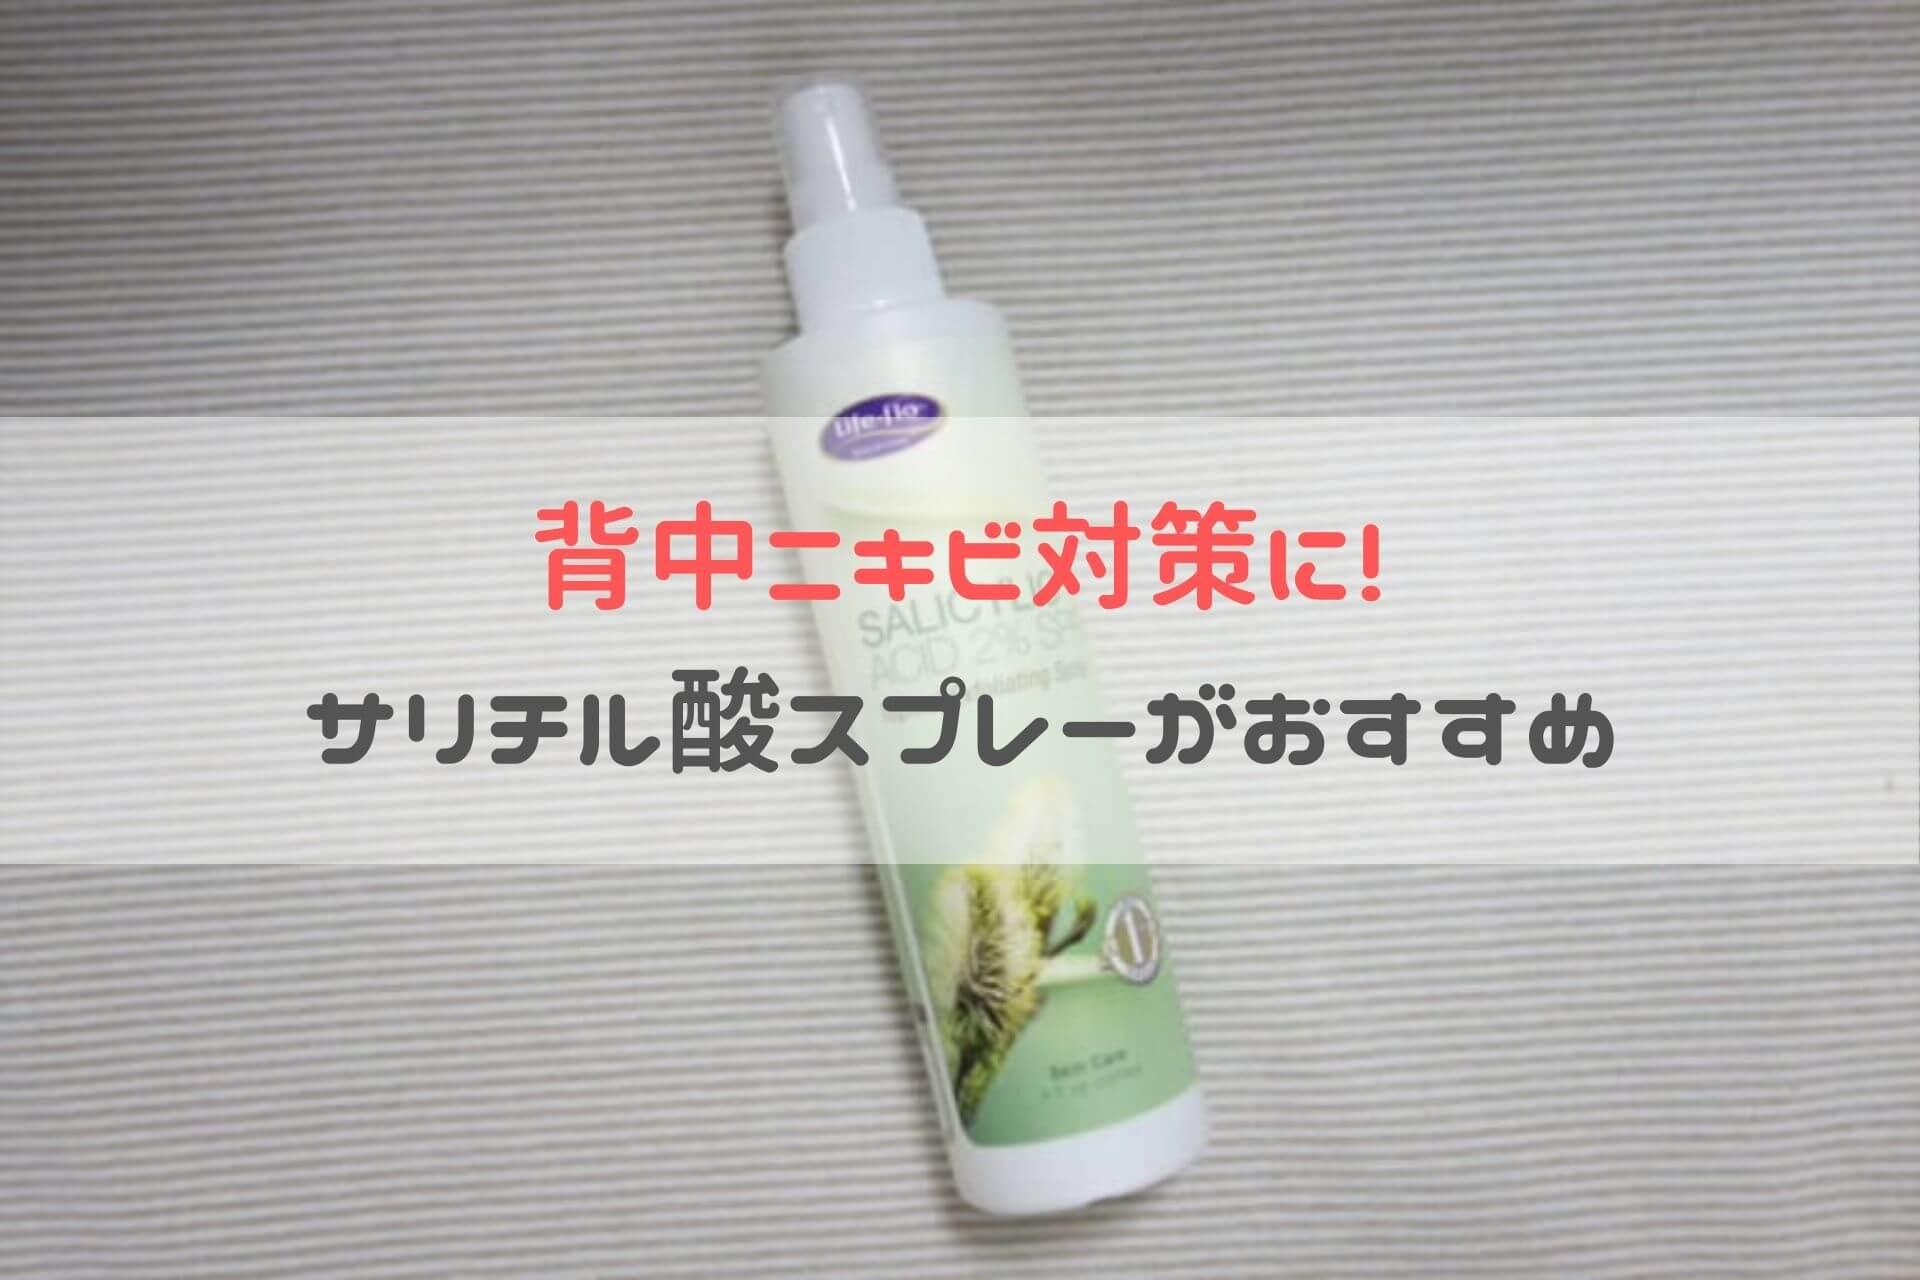 繰り返す背中ニキビ対策におすすめの化粧水はサリチル酸スプレー